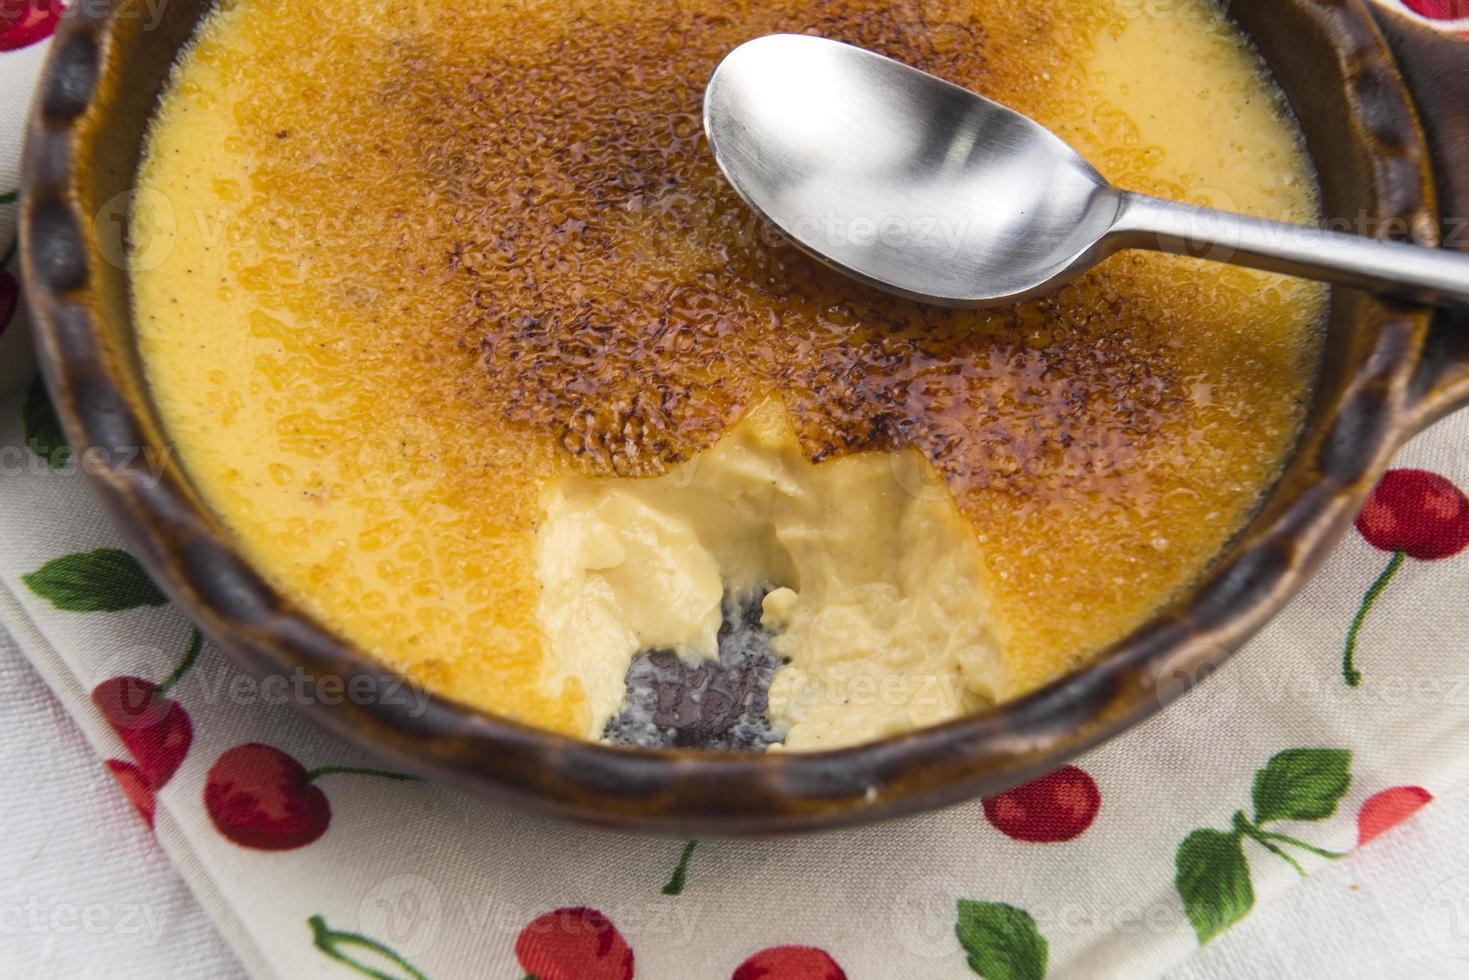 sobremesa francesa - creme queimado foto